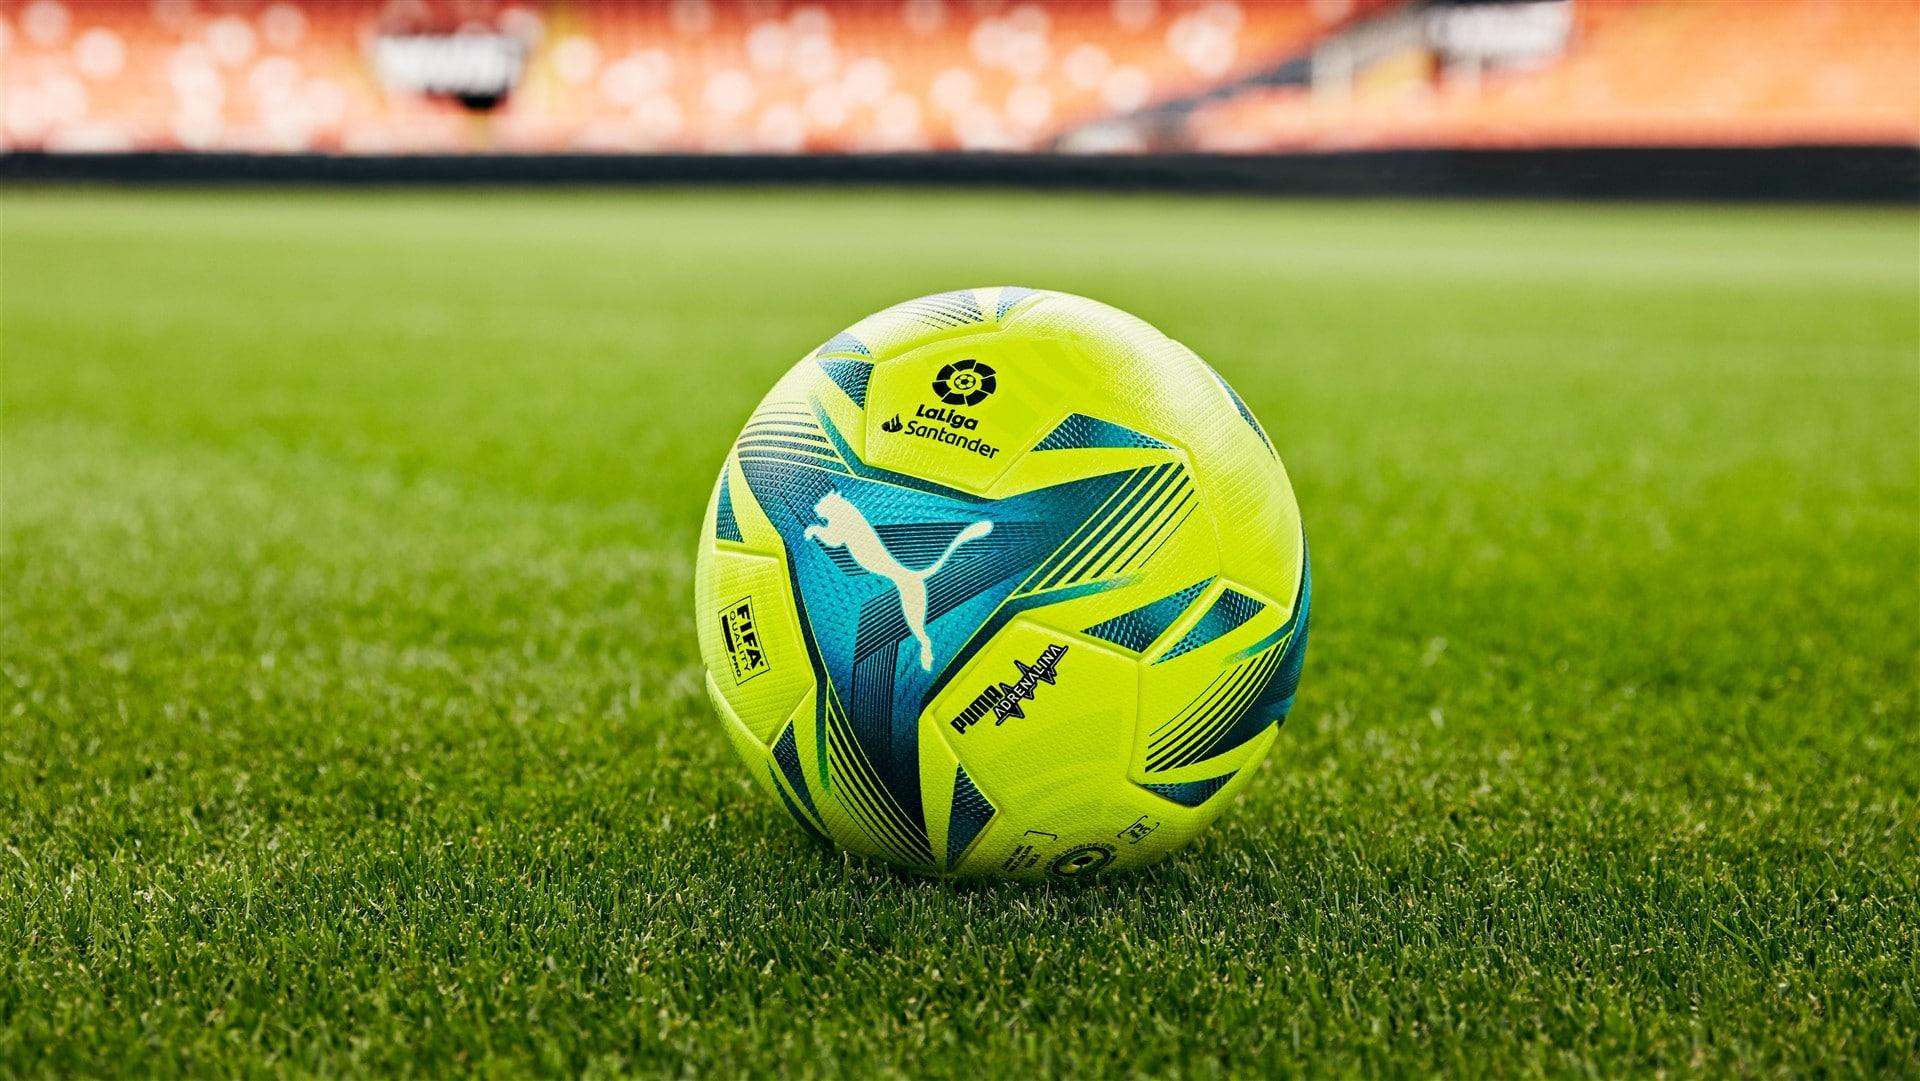 Puma Adrenalina LaLiga 2021/22